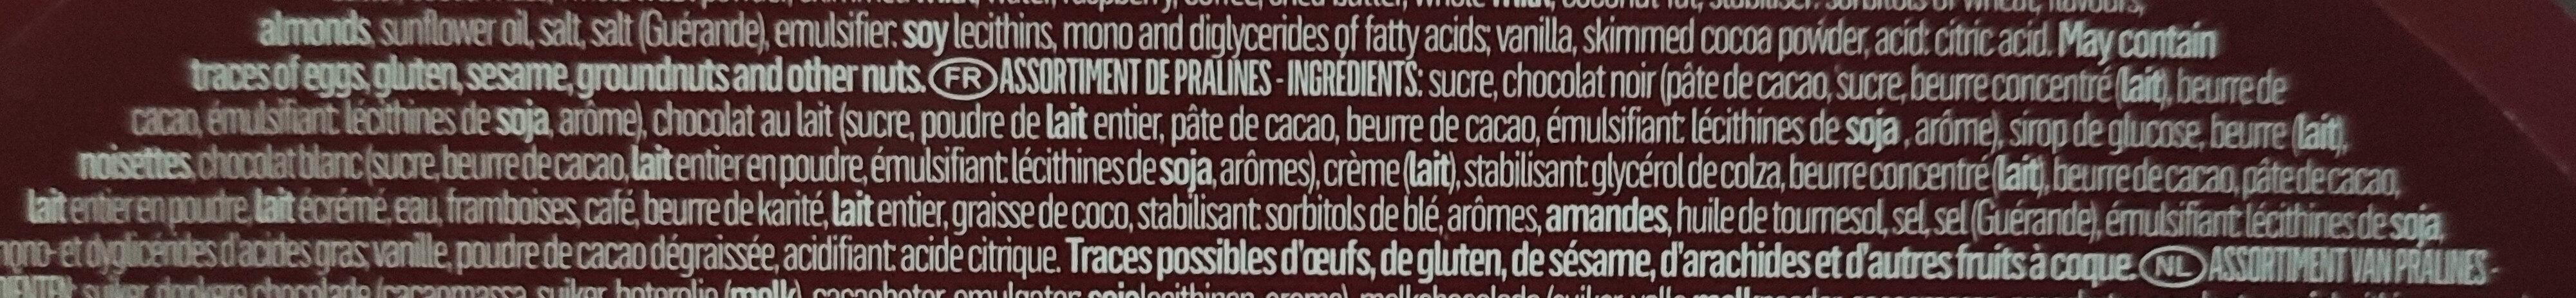 Assortiment de pralines - Ingrediënten